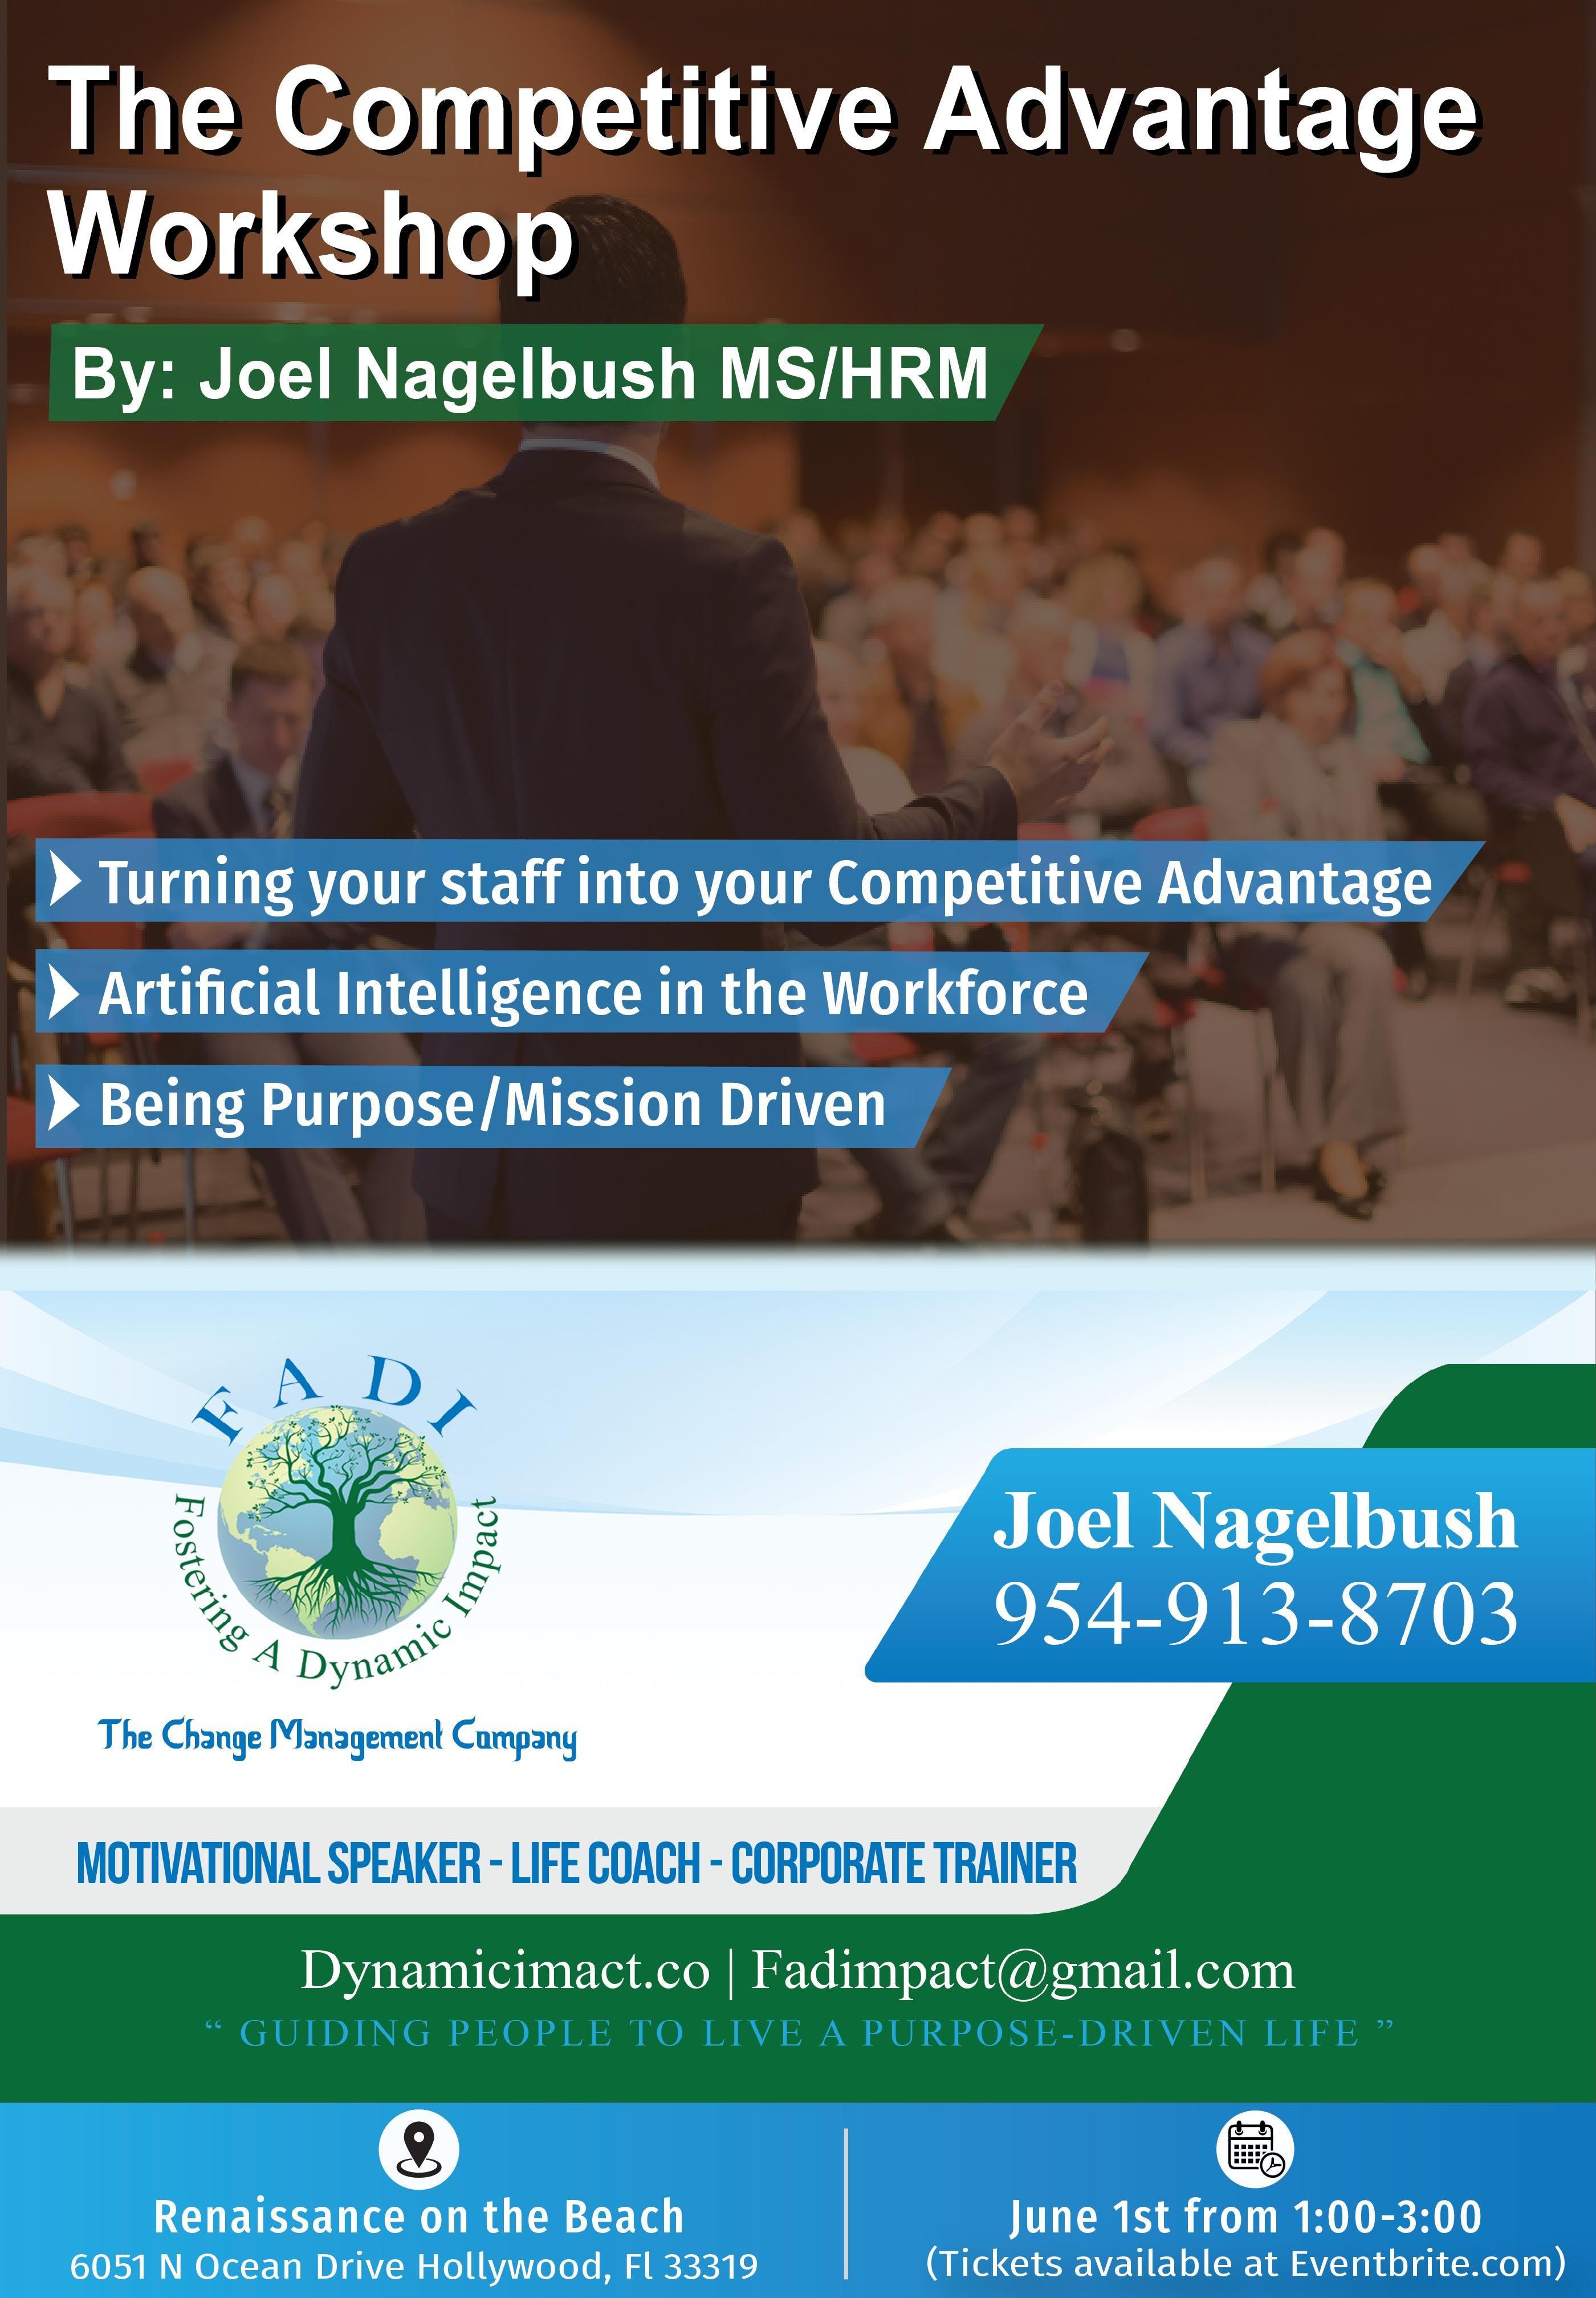 The Competitive Advantage Workshop